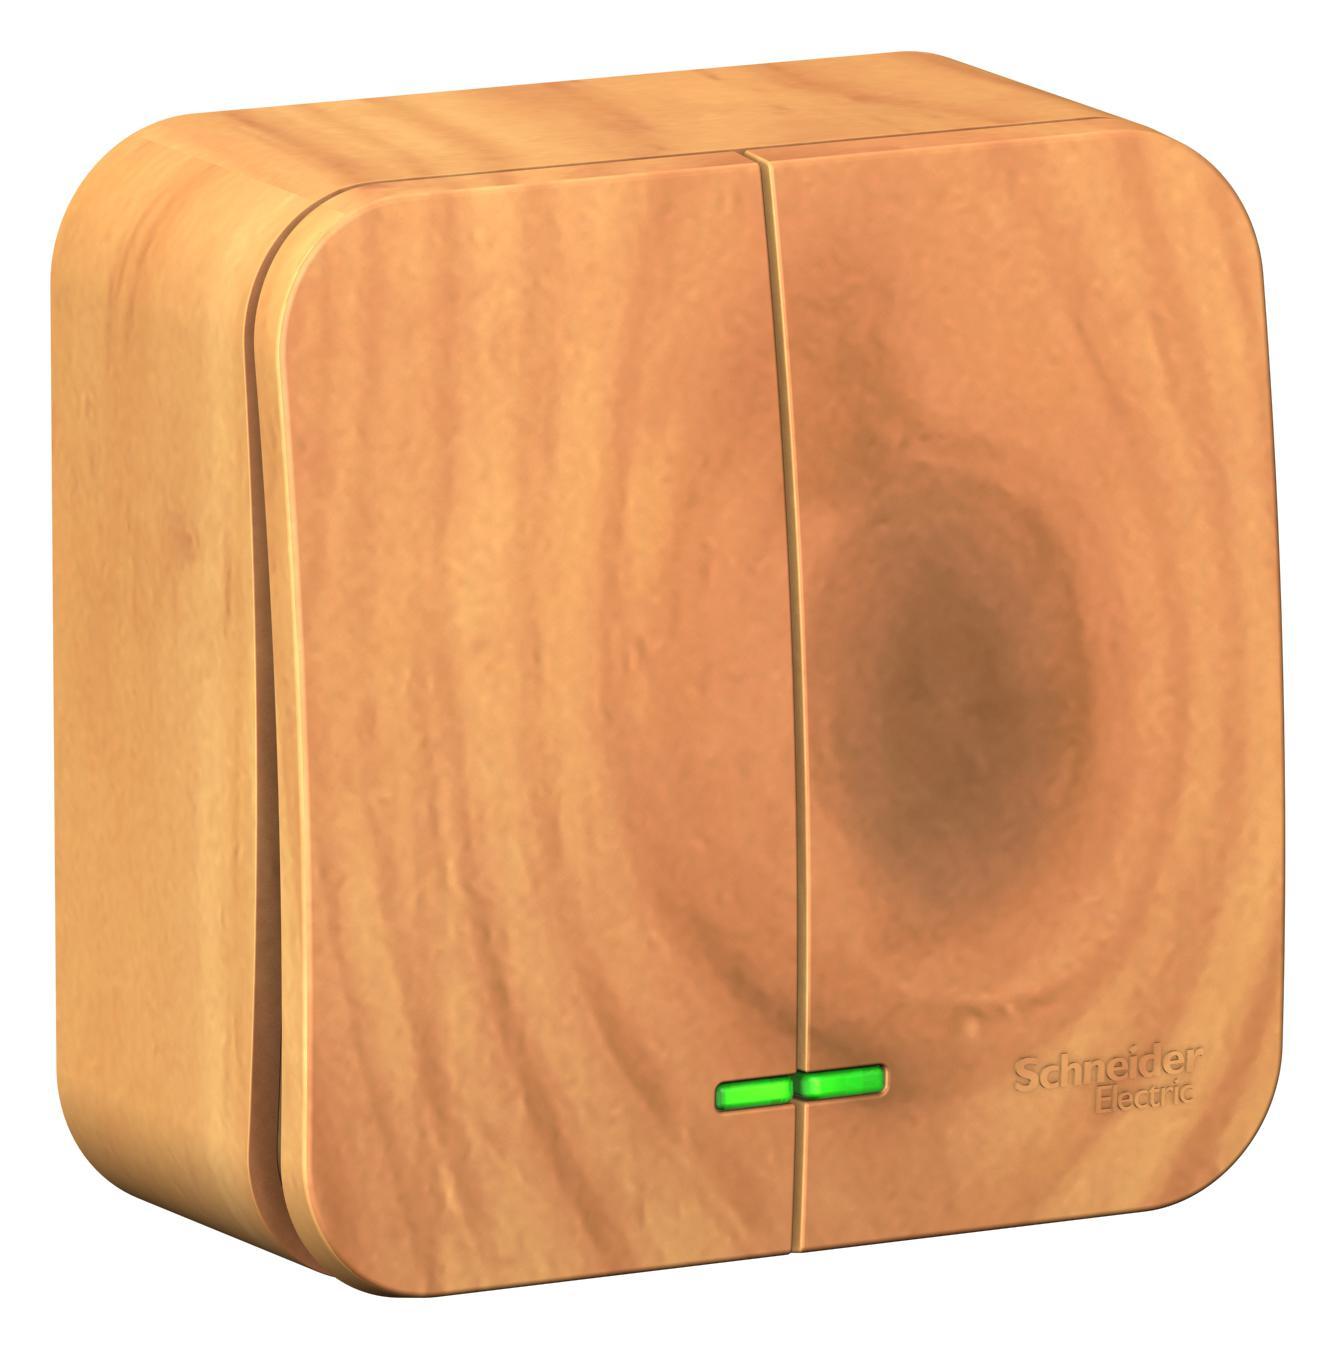 Выключатель Schneider electric Blnva105105 blanca выключатель schneider electric blnva105014 blanca